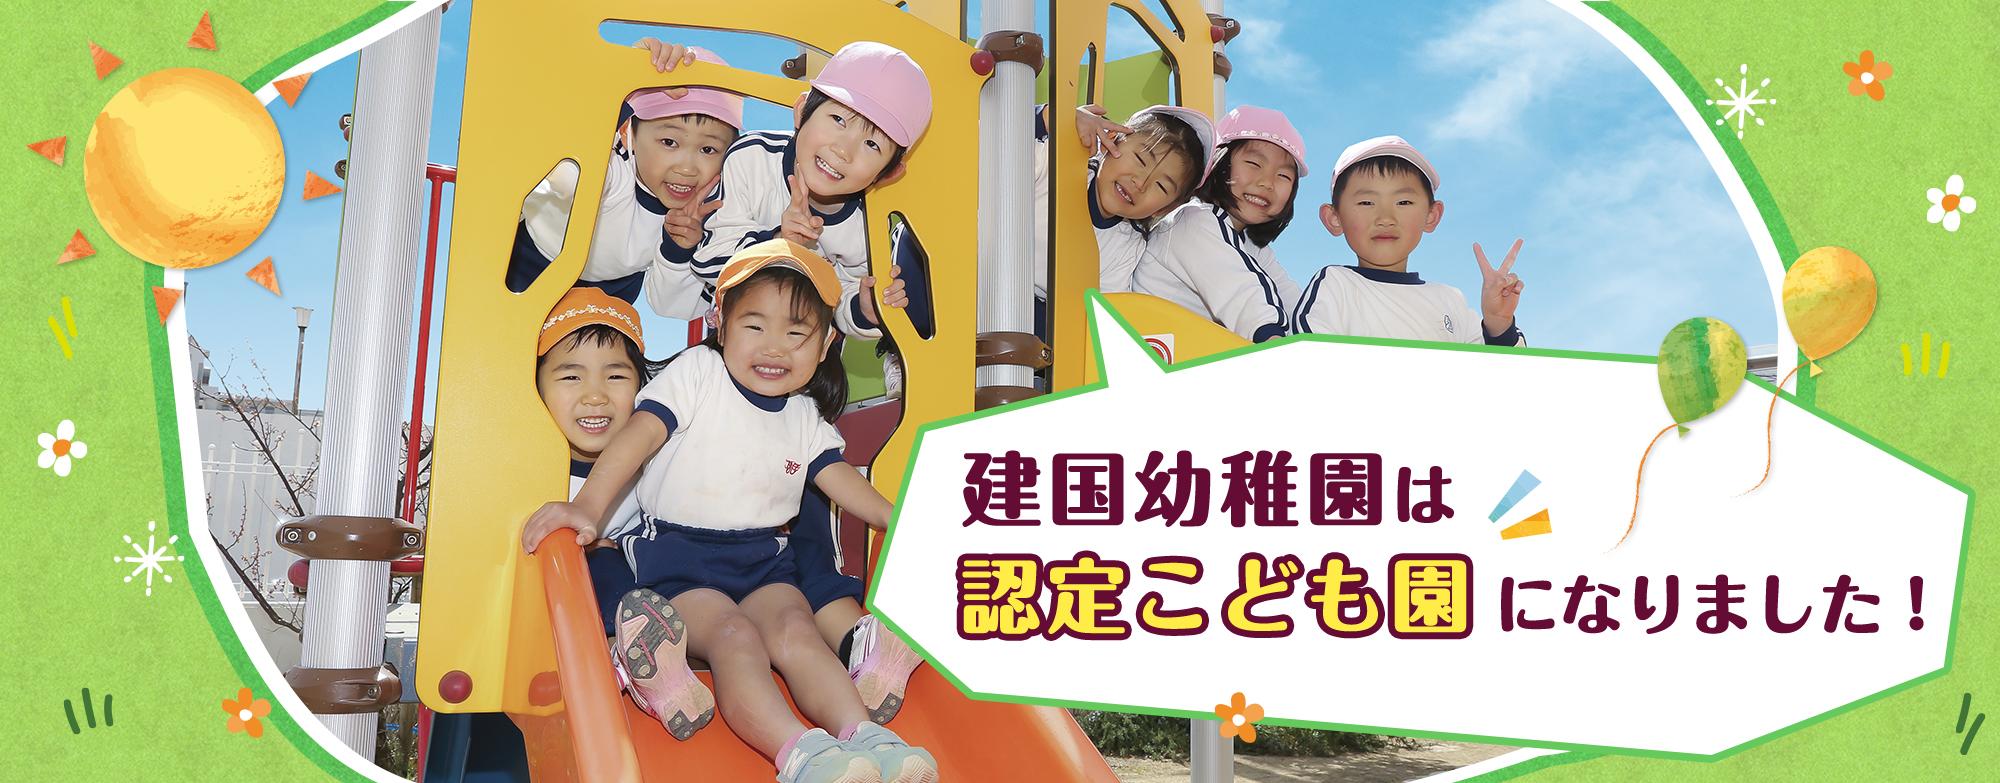 建国幼稚園・小学校